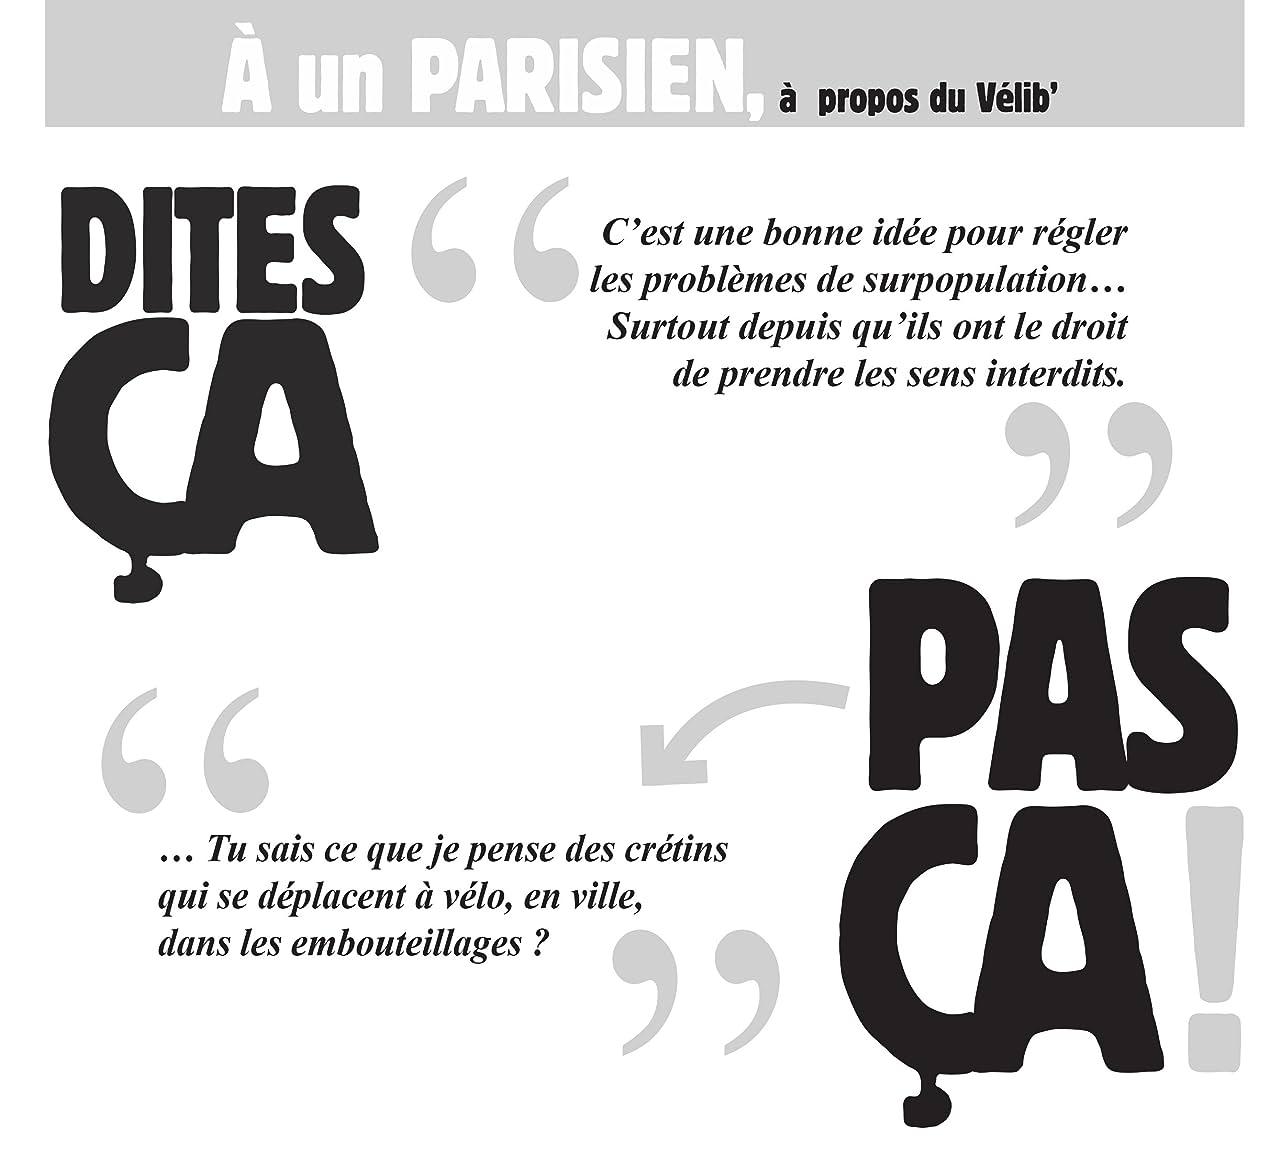 Dites ça, pas ça !: À un parisien